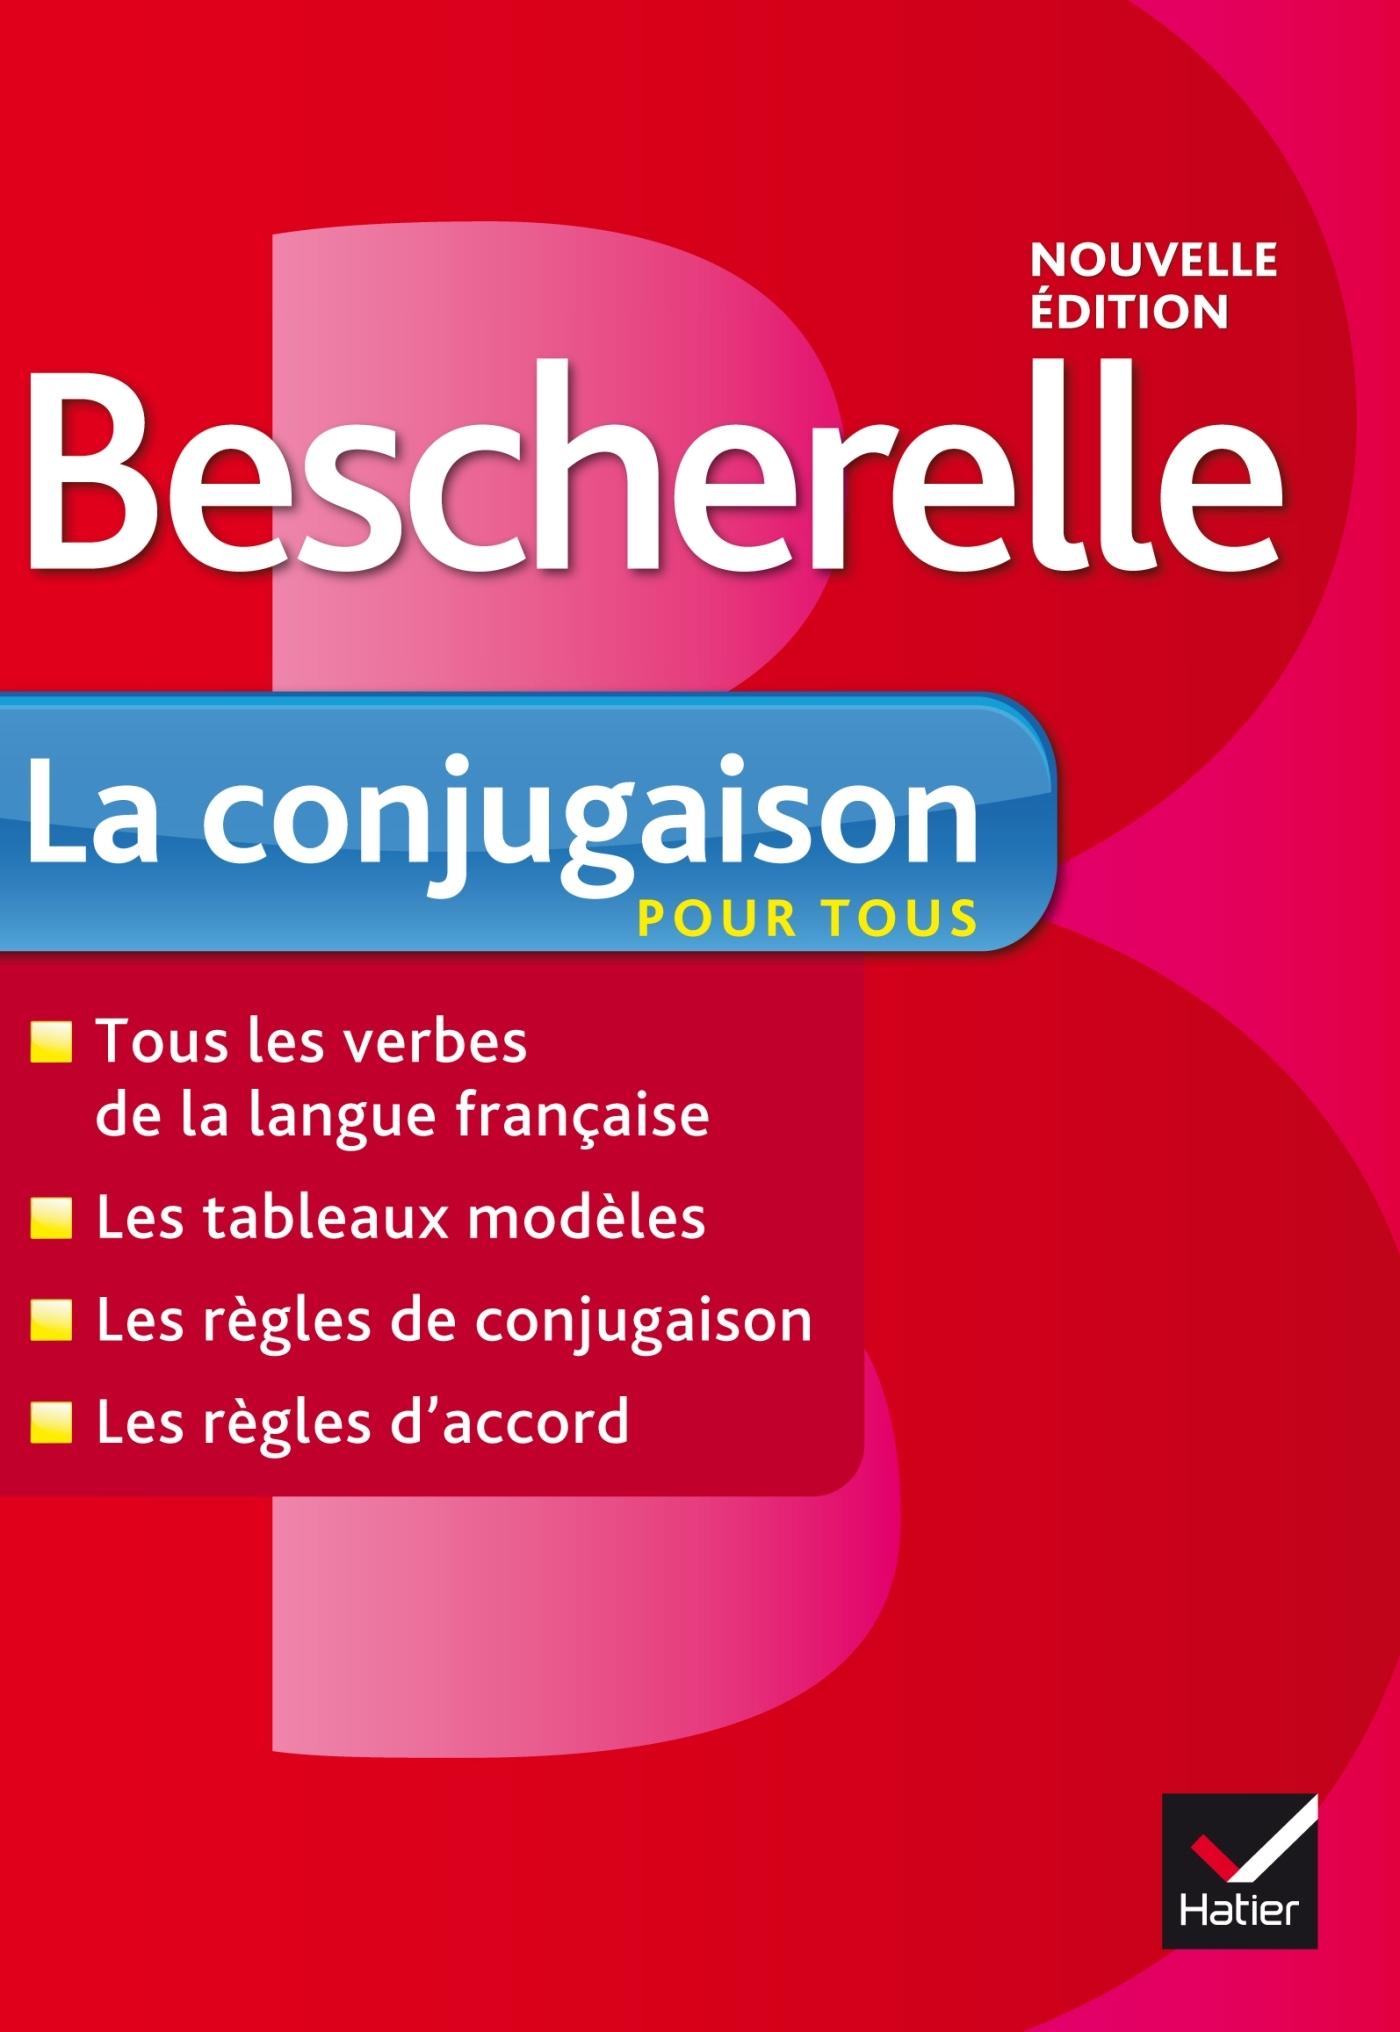 BESCHERELLE LA CONJUGAISON POUR TOUS - OUVRAGE DE REFERENCE SUR LA CONJUGAISON FRANCAISE